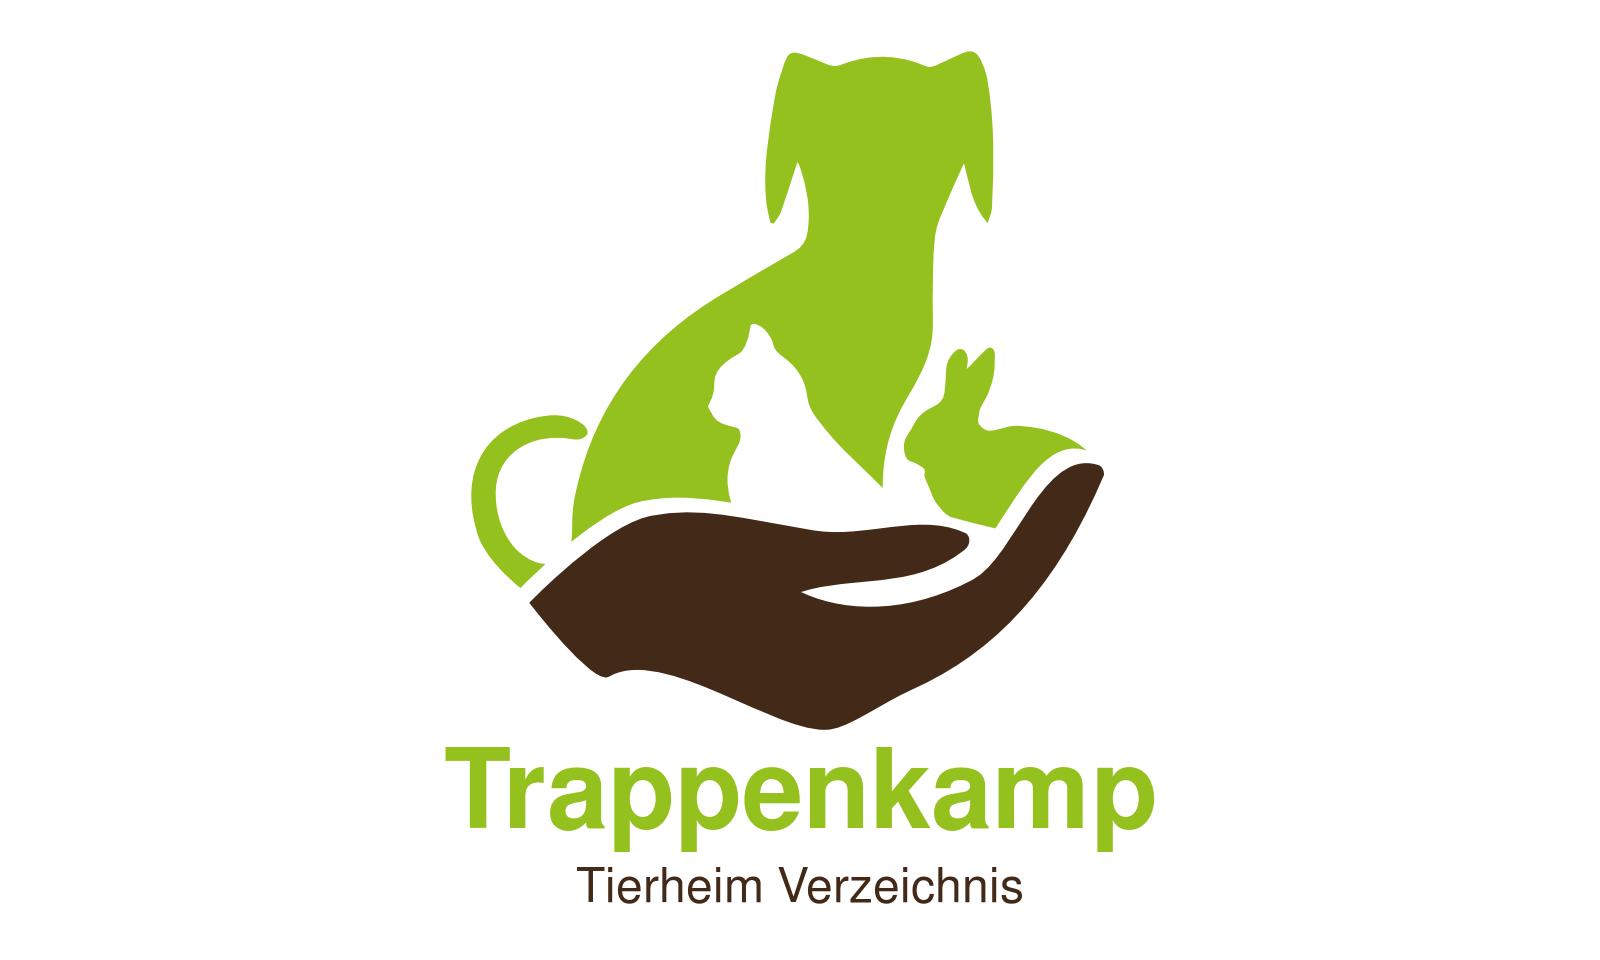 Tierheim Trappenkamp